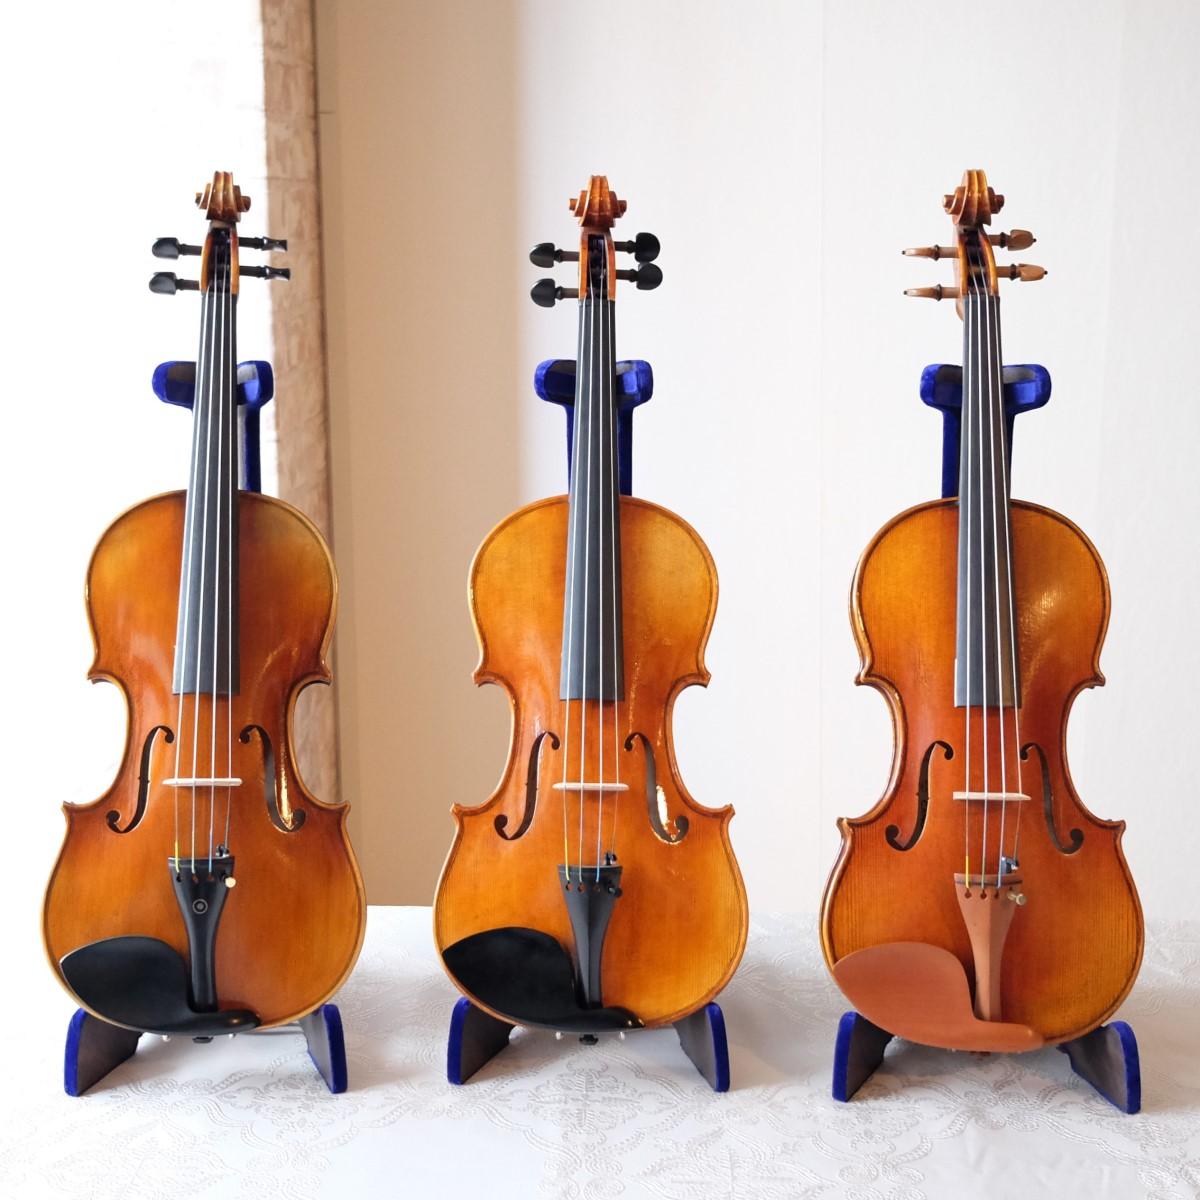 ゴーシュ弦楽器オリジナルバイオリン、カノン